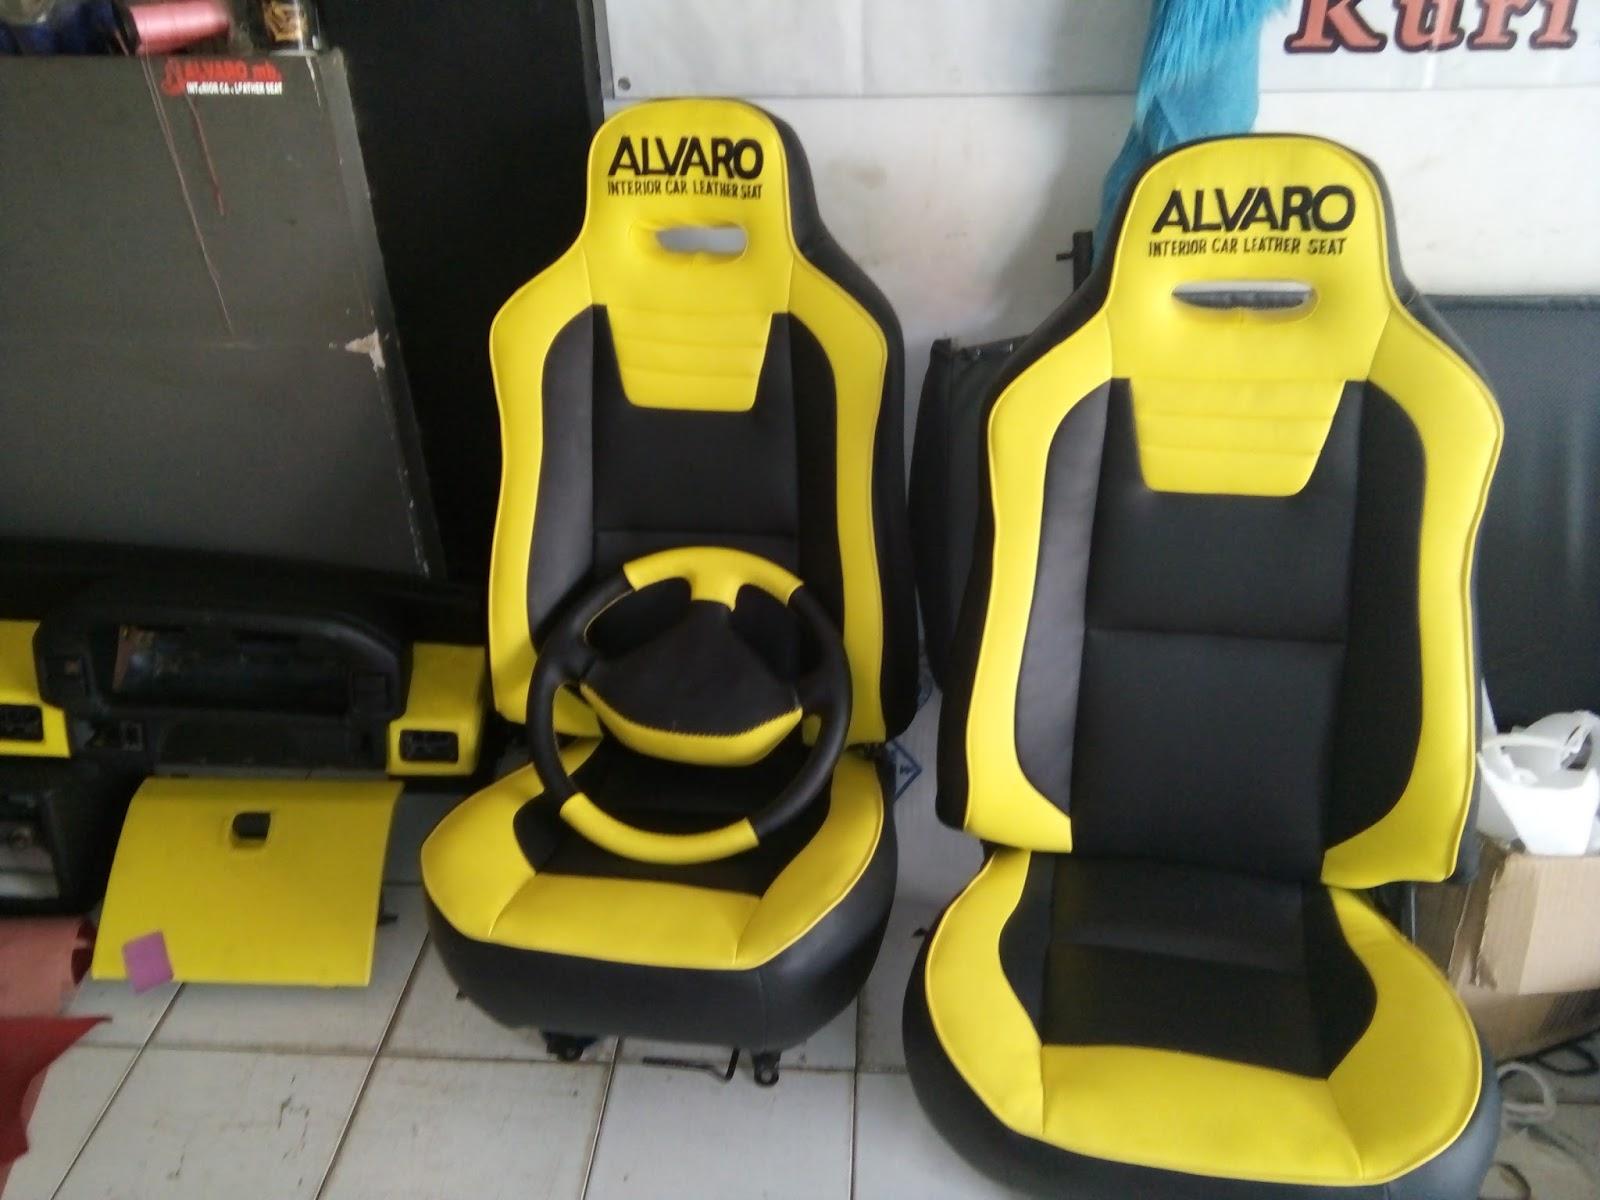 ALVARO JOK MOBIL INTERIOR CAR LEATHER SEAT VARIASI JOK DAN